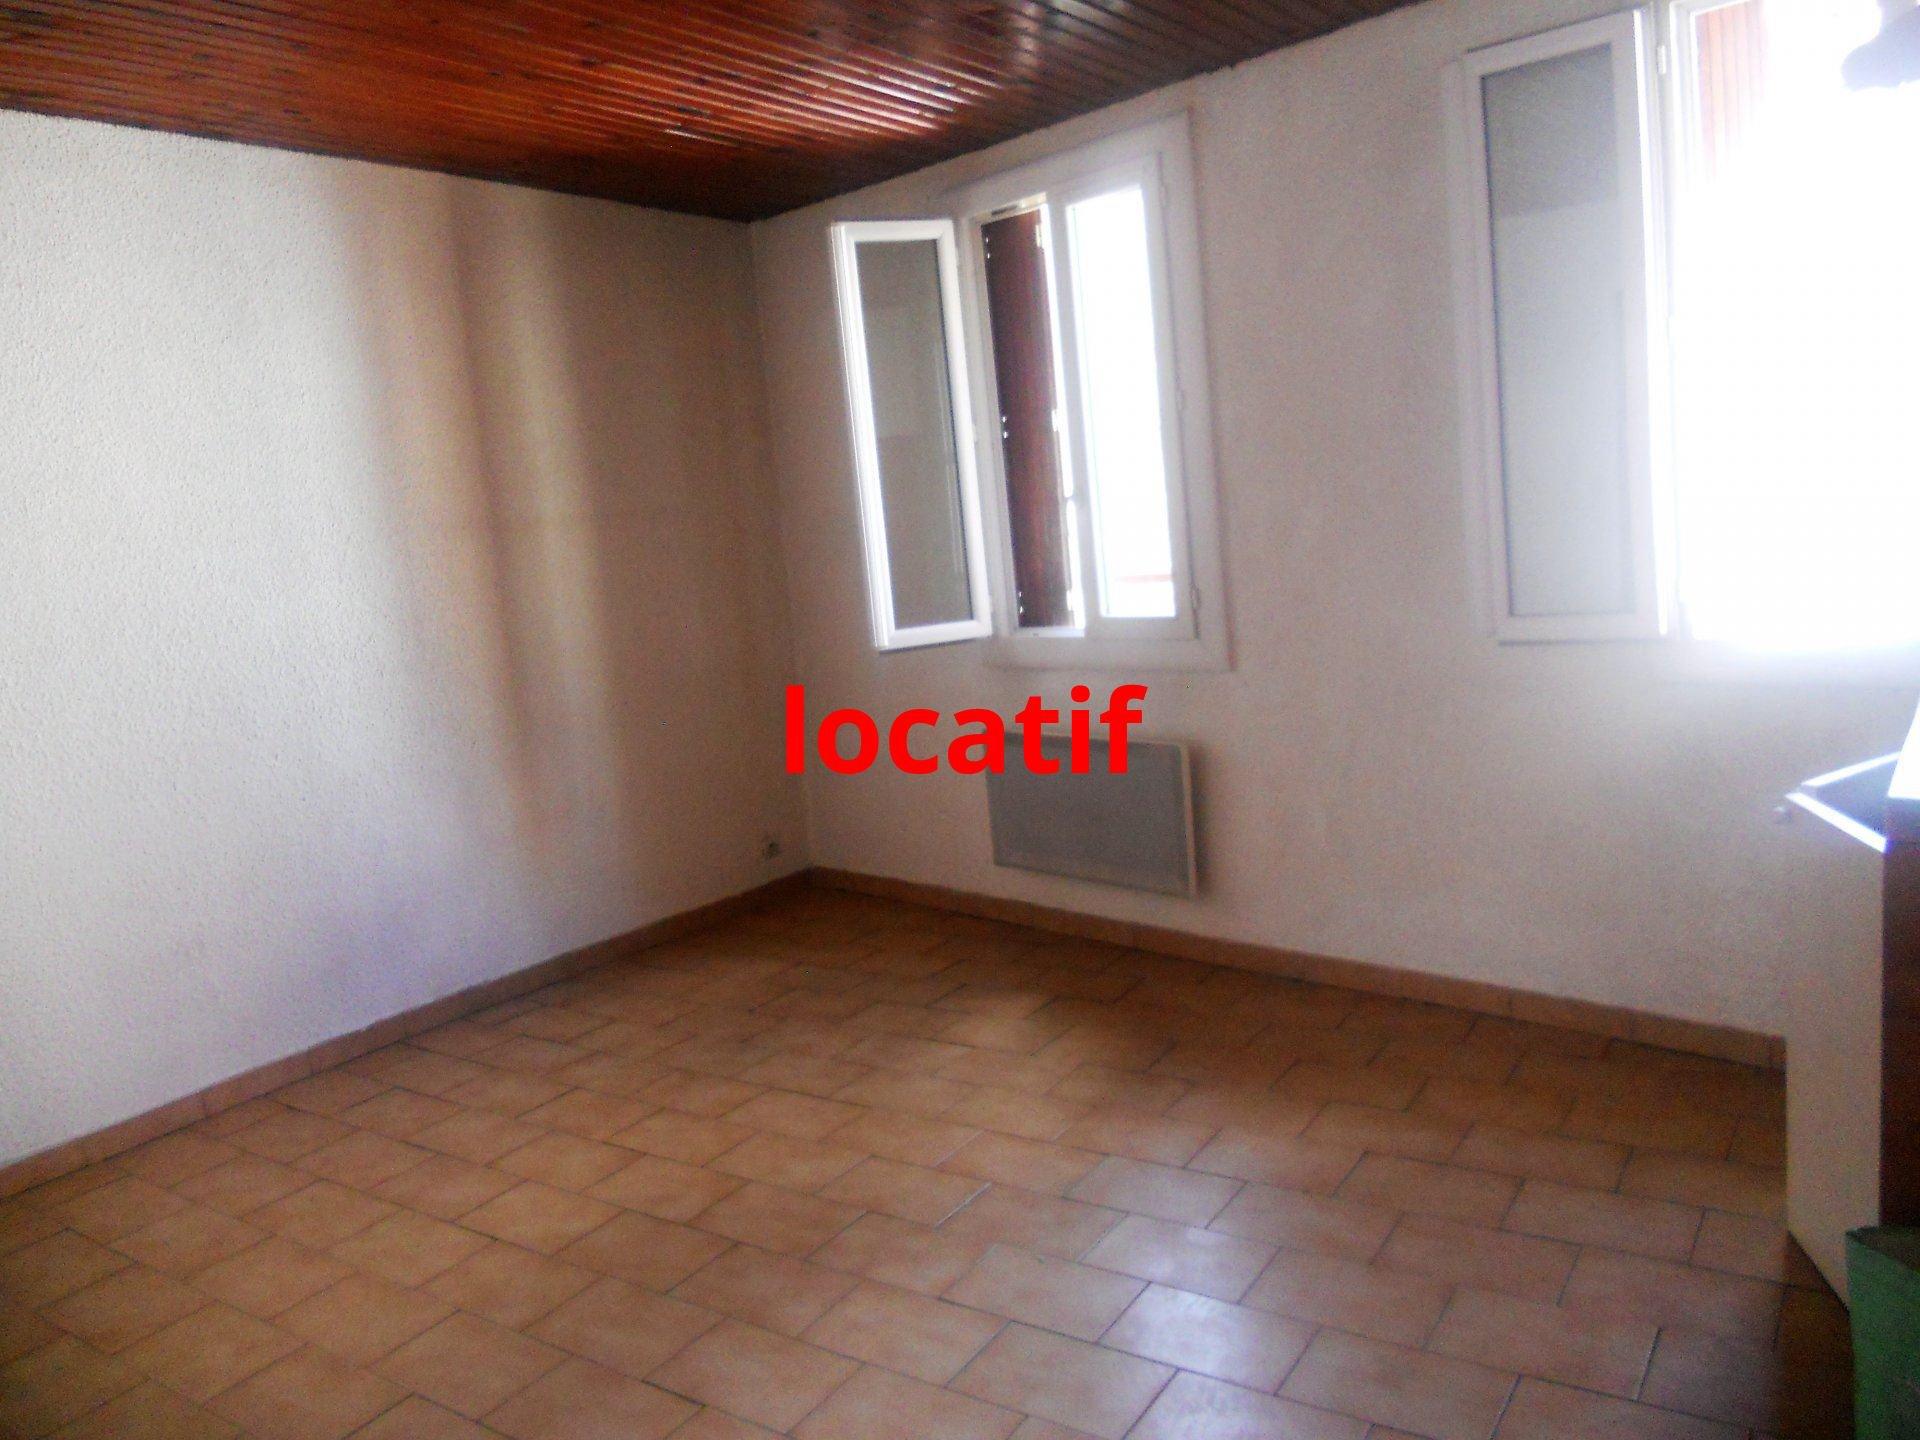 Vente Maison/Villa 3 pièces Lézignan-Corbières 11200